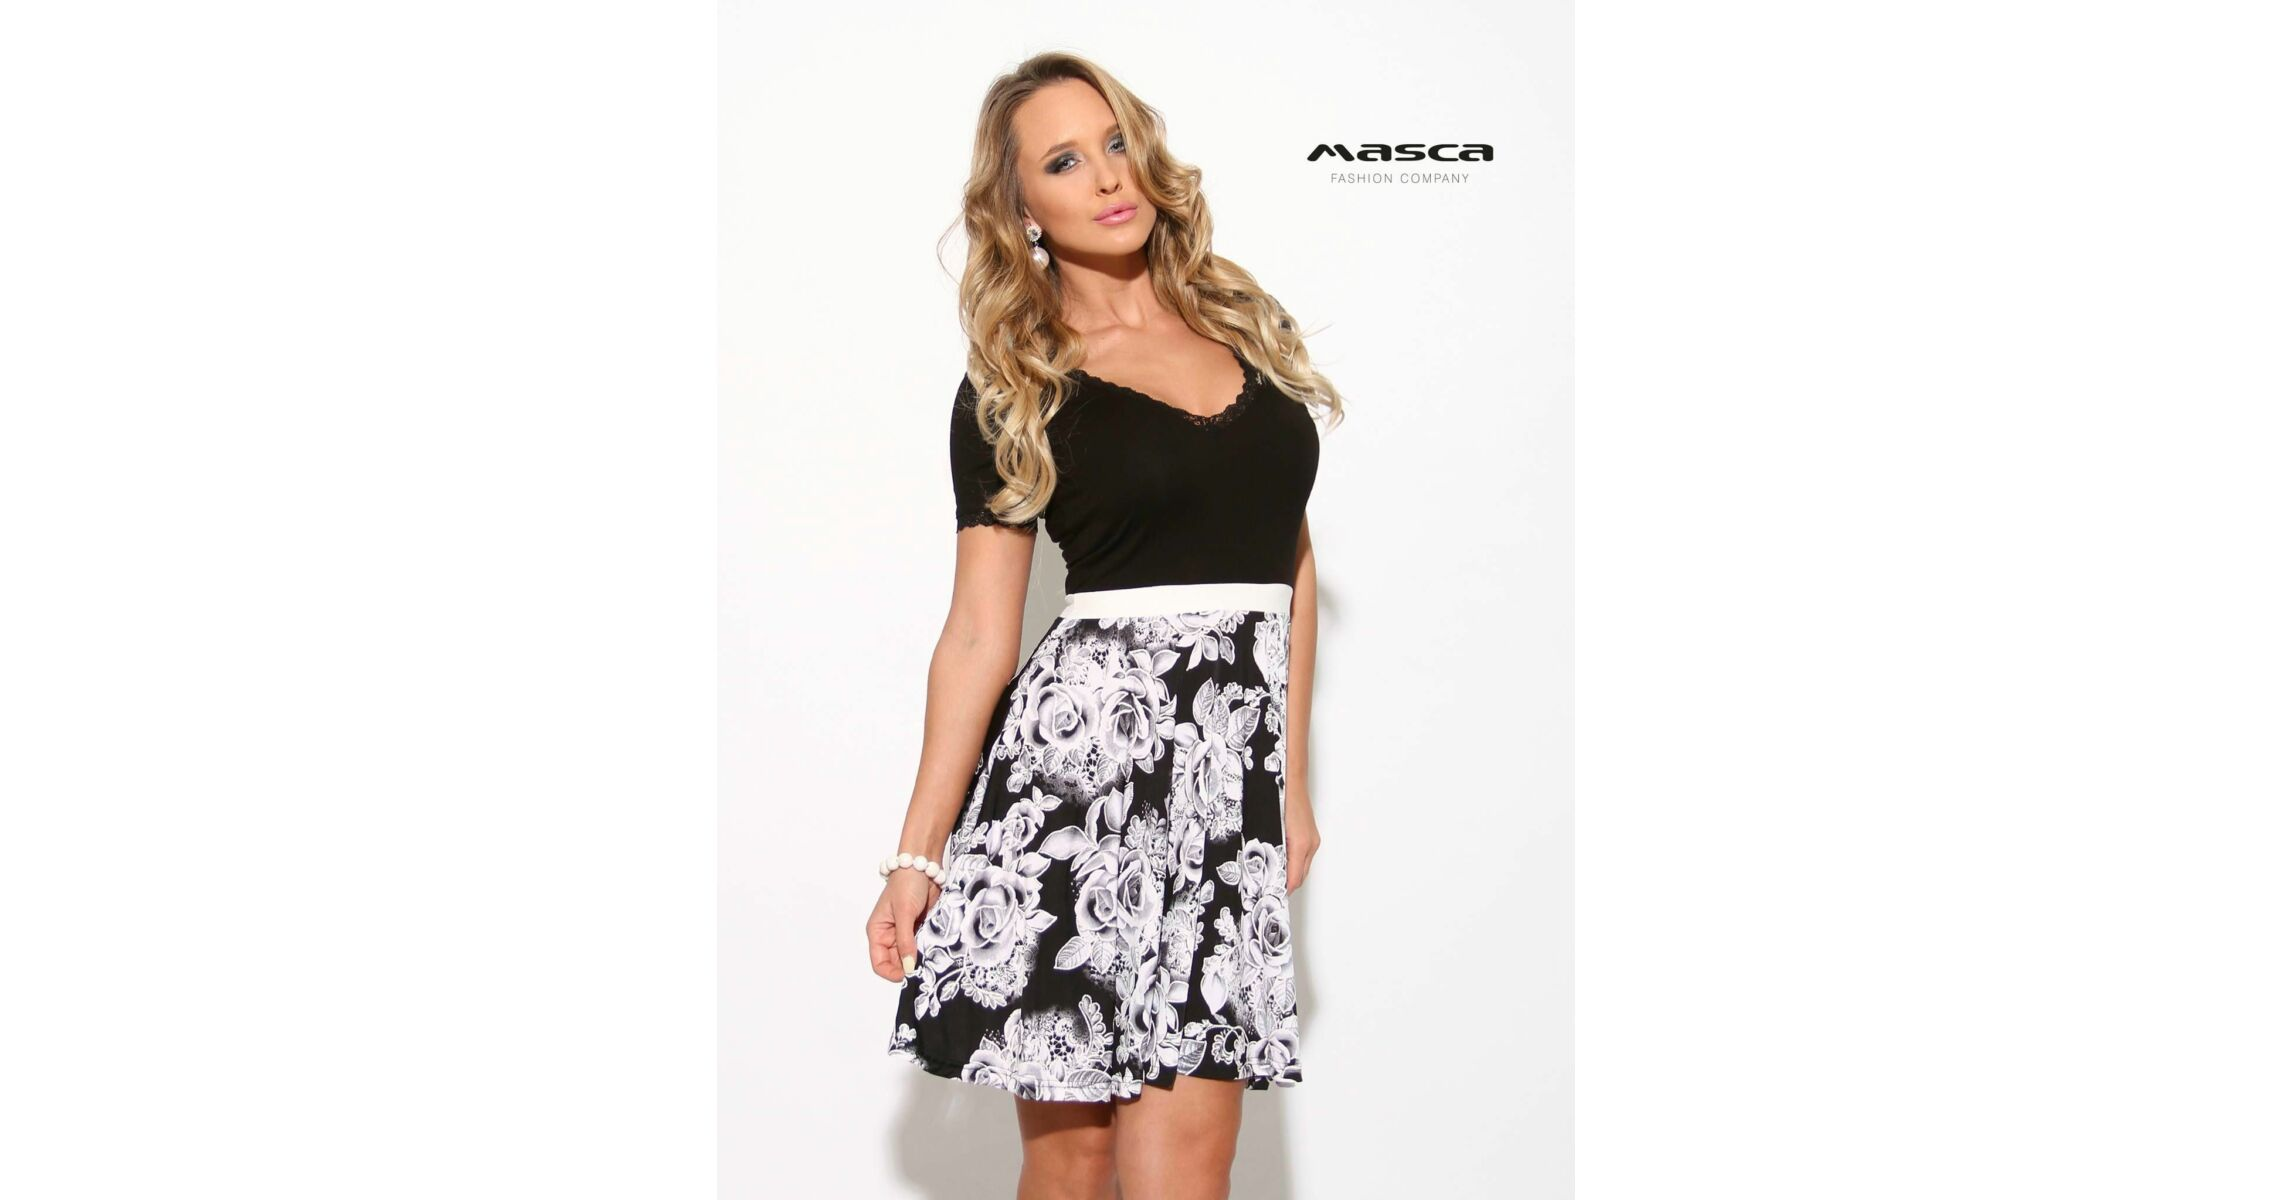 94e4dbb6e7b1 Masca Fashion fehér rózsamintás loknis szoknyarészű rövid ujjú fekete  alkalmi ruha